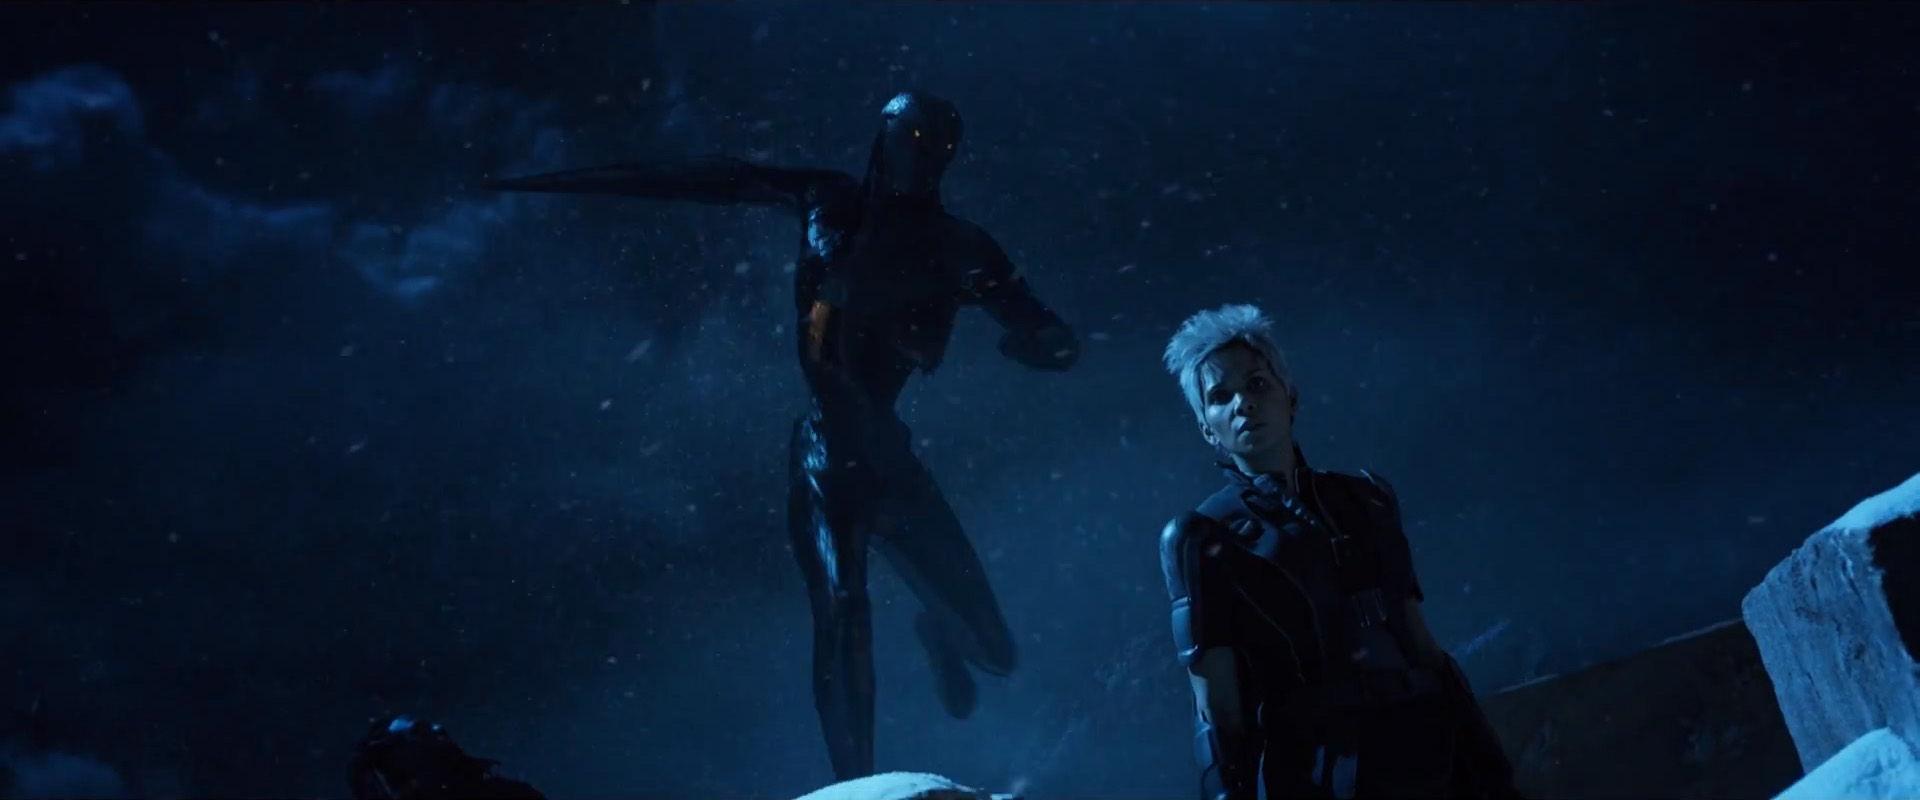 X Men Days Of Future Past Quicksilver Empire Movie Media Roundup: T...